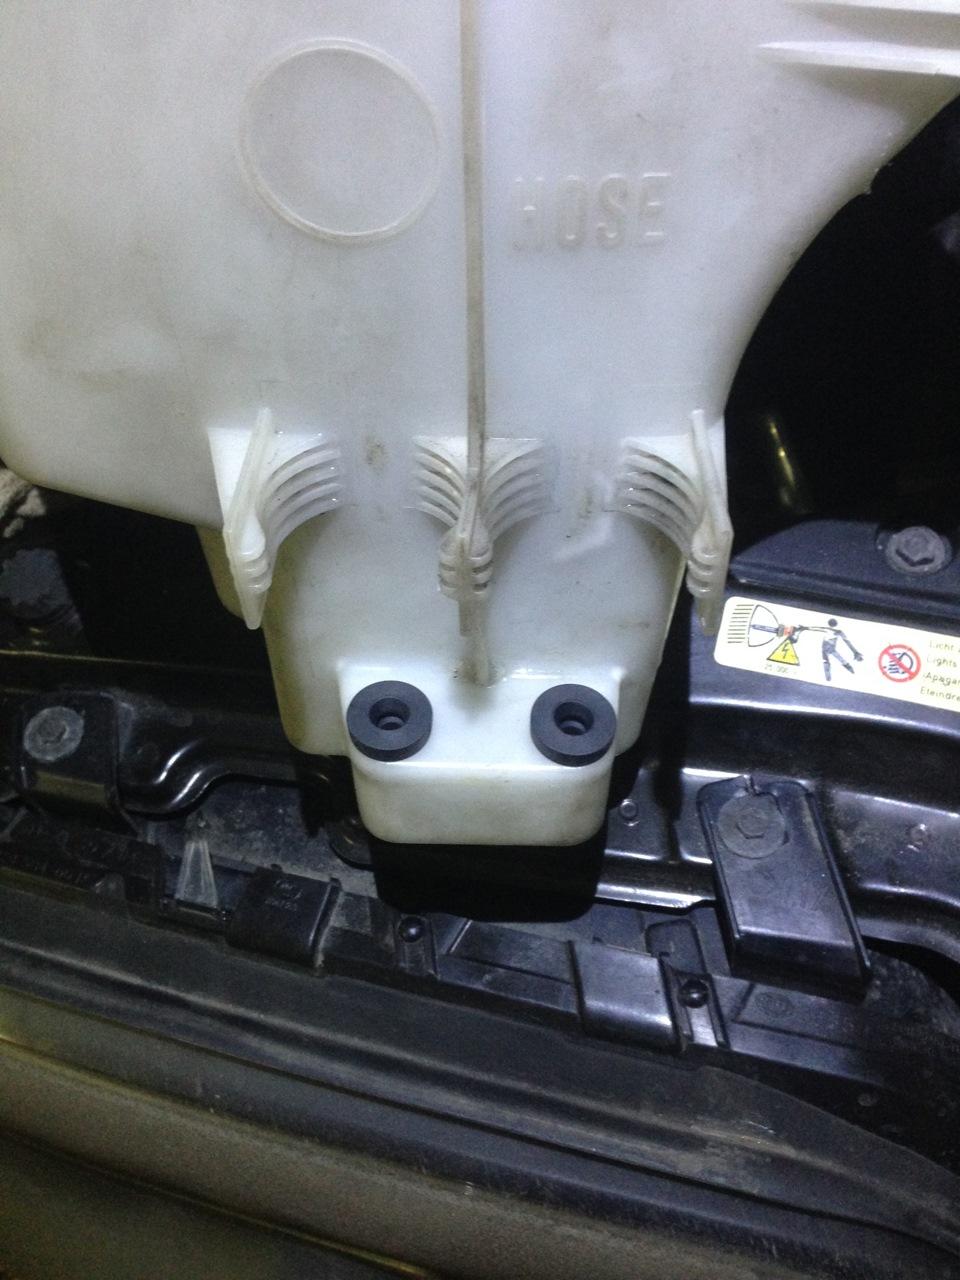 Замена моторчика омывателя e70 Замена раздатки пежо боксер 3